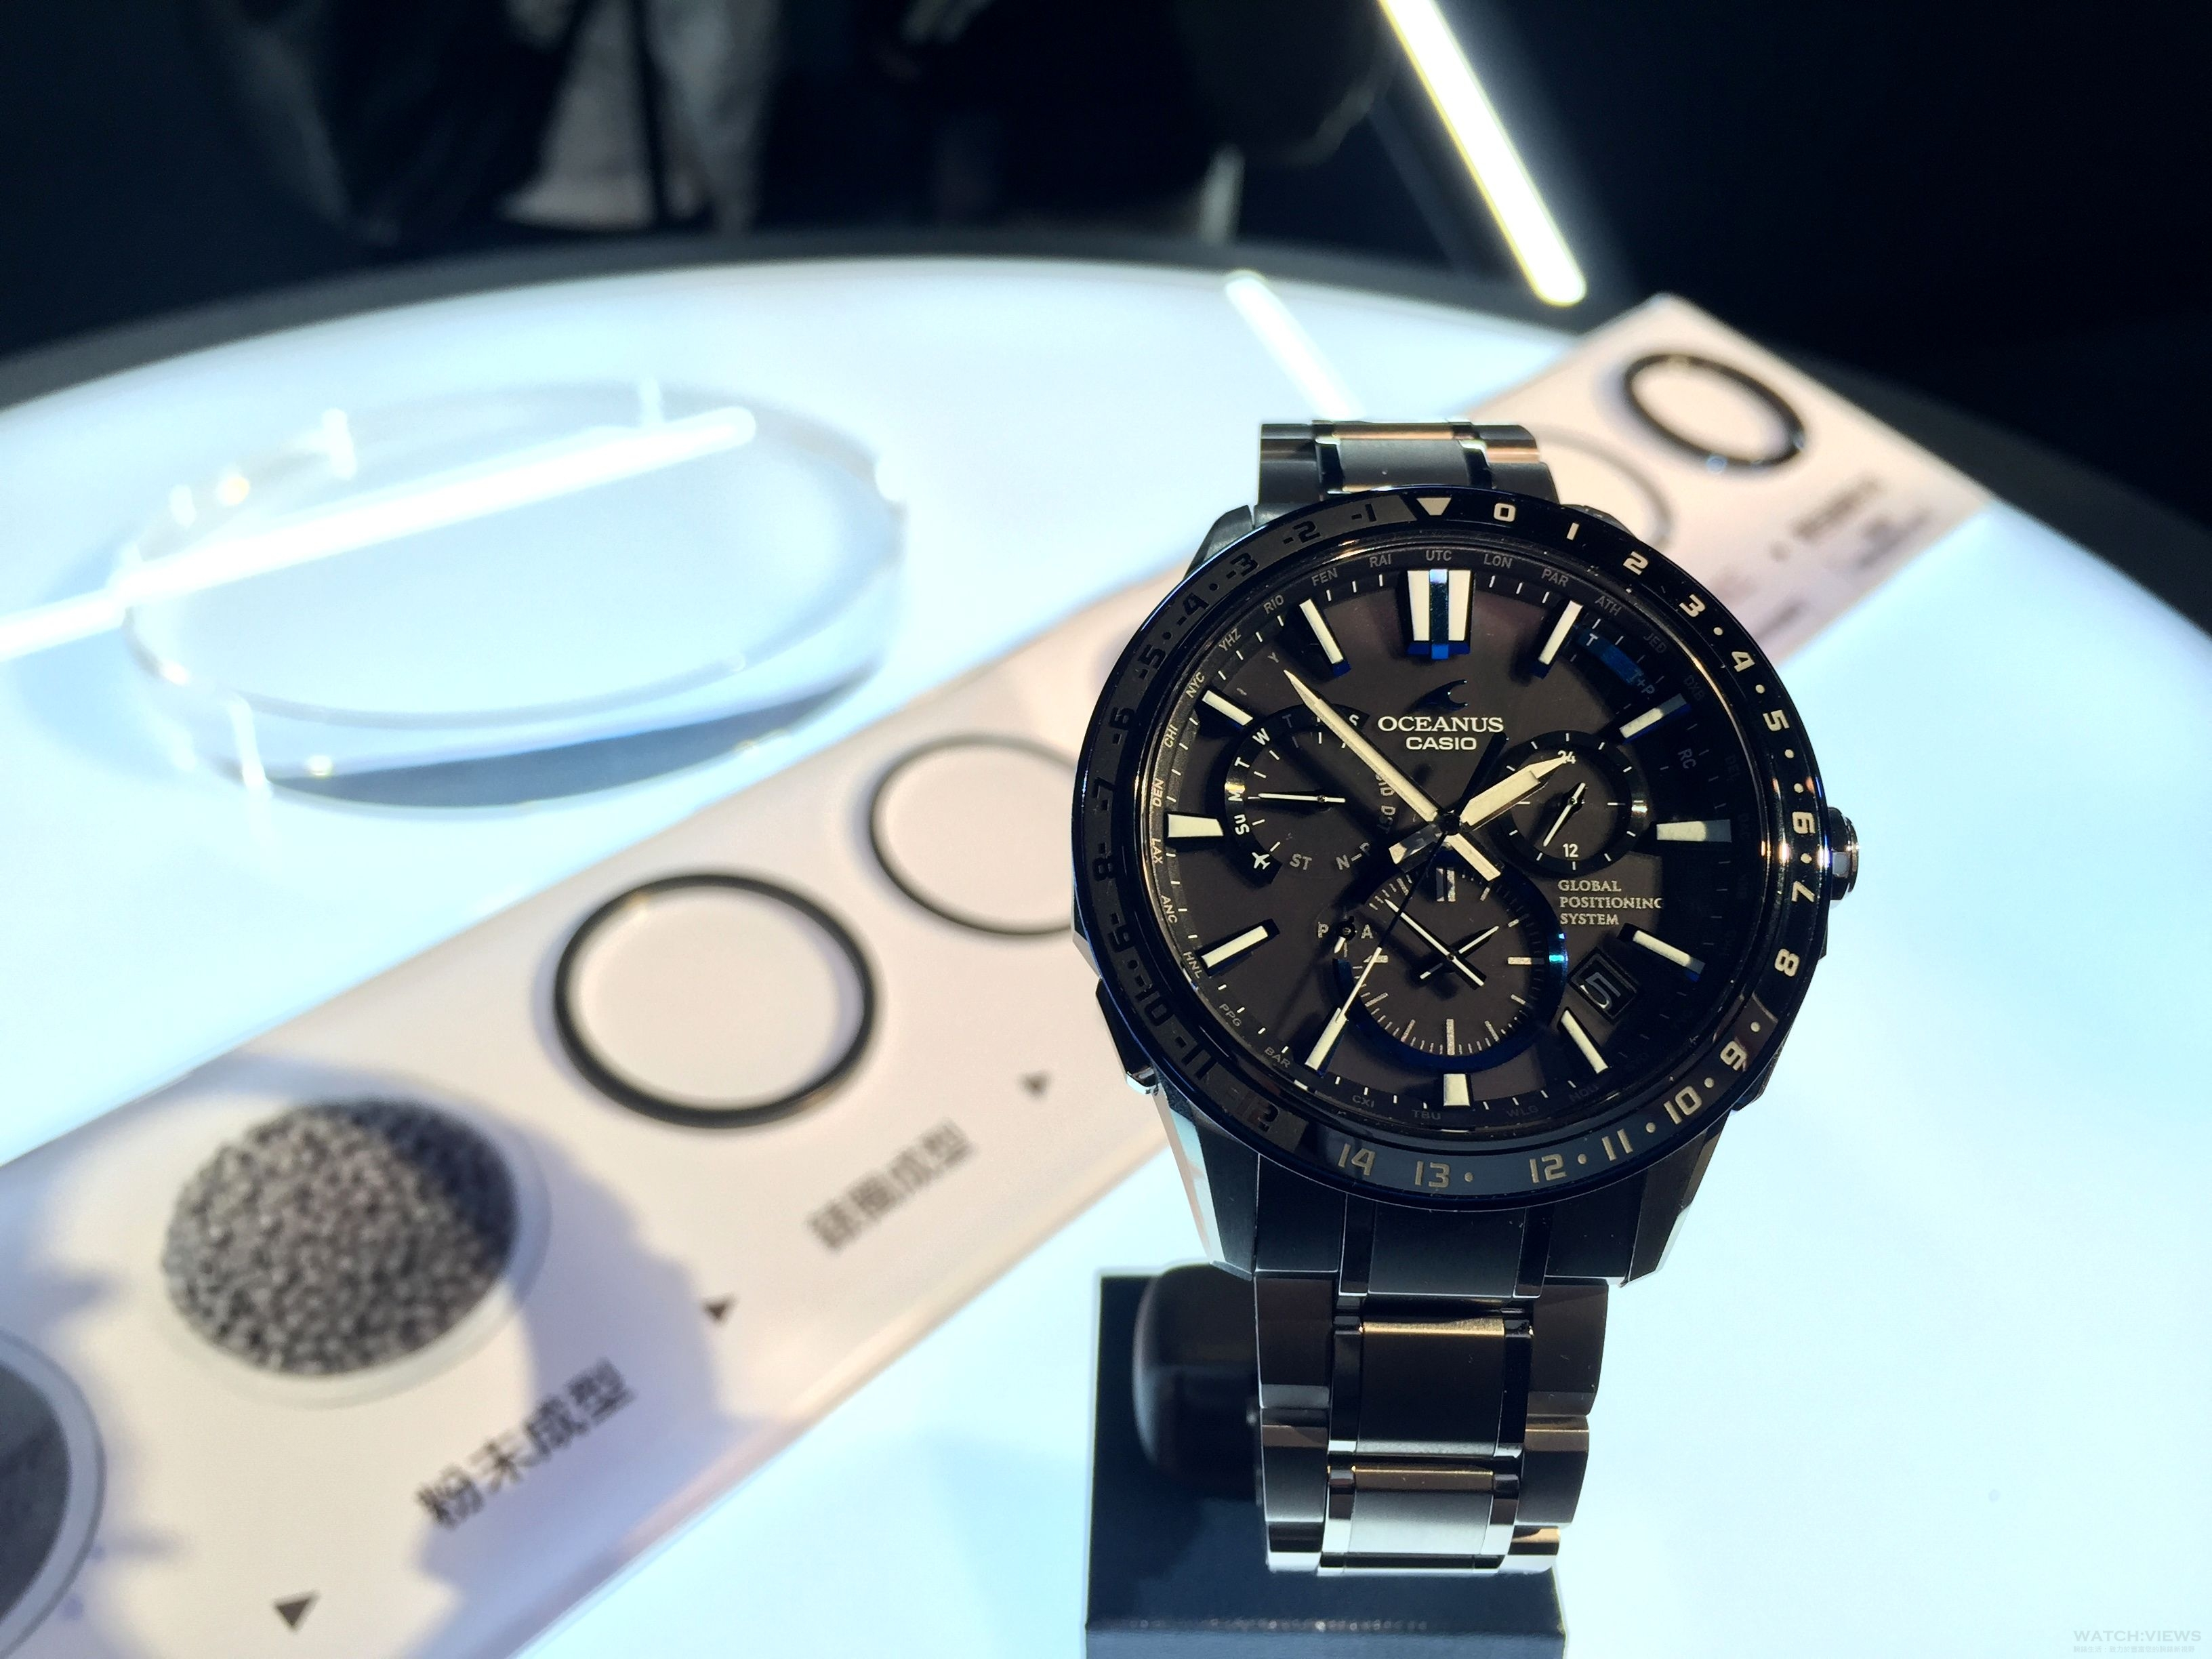 日本傳統技藝「紋紗塗」概念下的先進時計:Casio全新Oceanus OCW-G1200腕錶